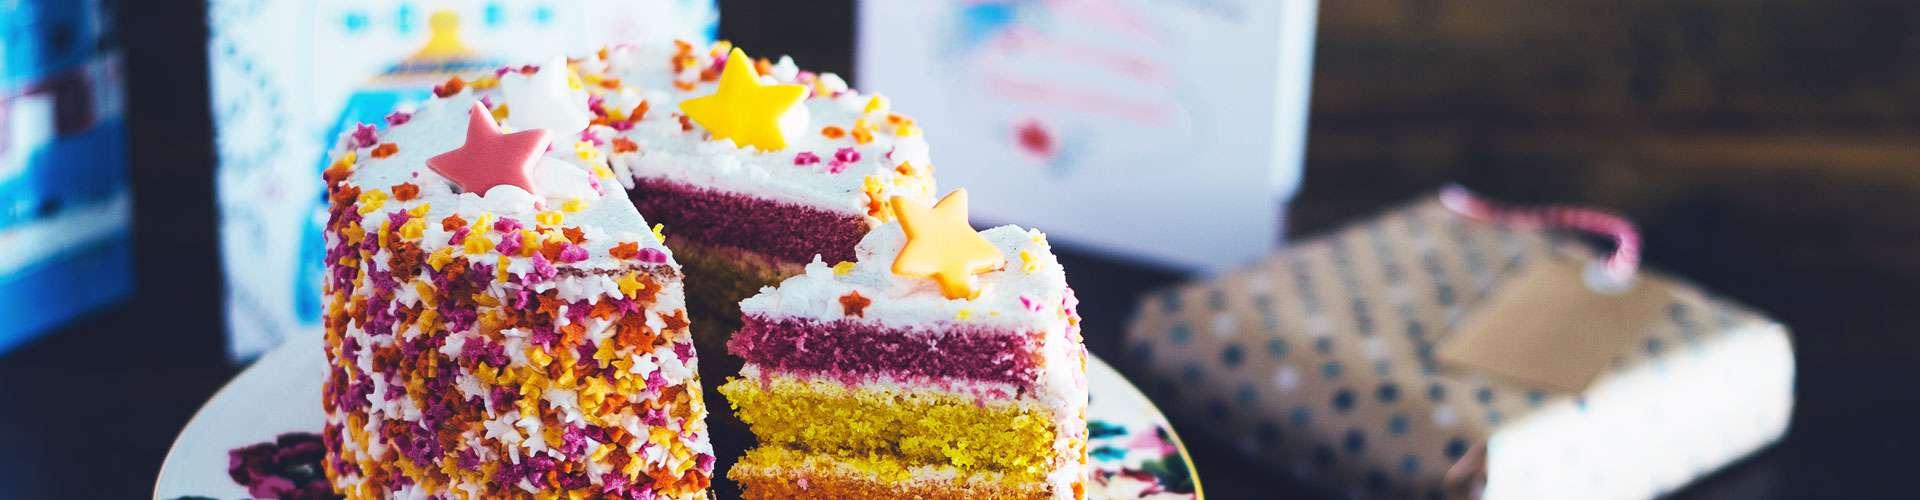 Verjaardag Vieren Doe Het In Stijl Met Deze Tips Datumprikker Nl